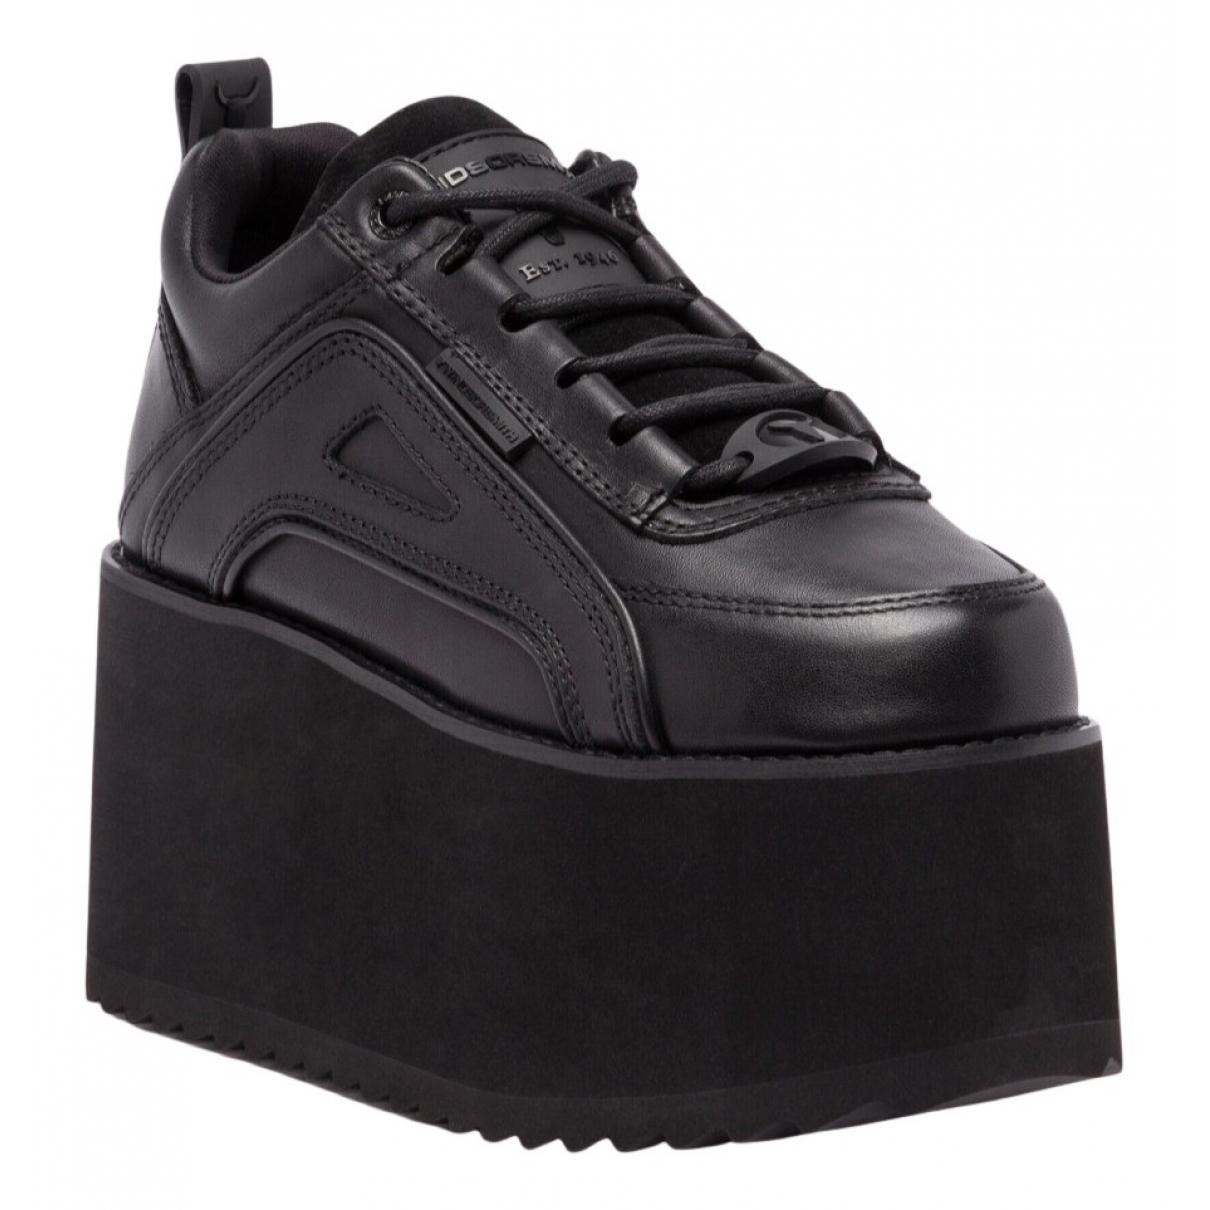 Windsor Smith - Baskets   pour femme en cuir - noir